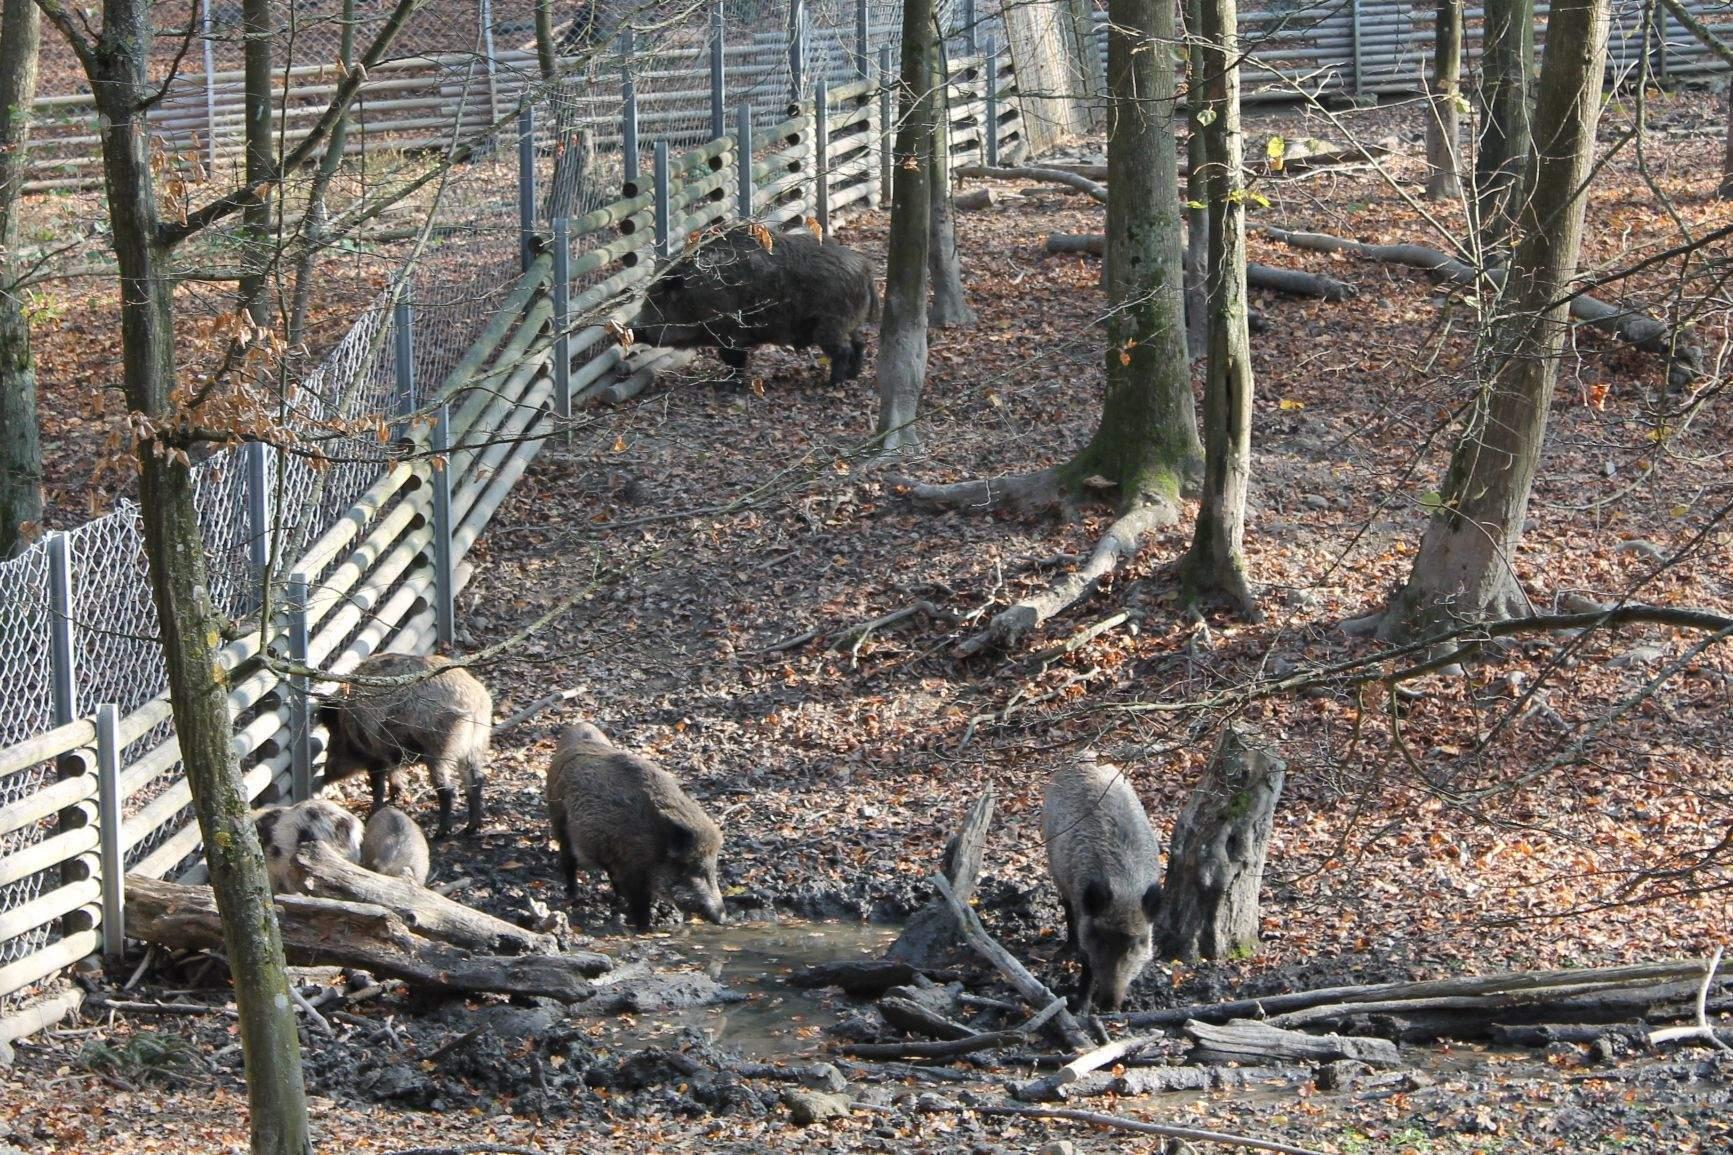 Divoká prasata jsou bezpečně uzavřena ve vlastní ohradě.